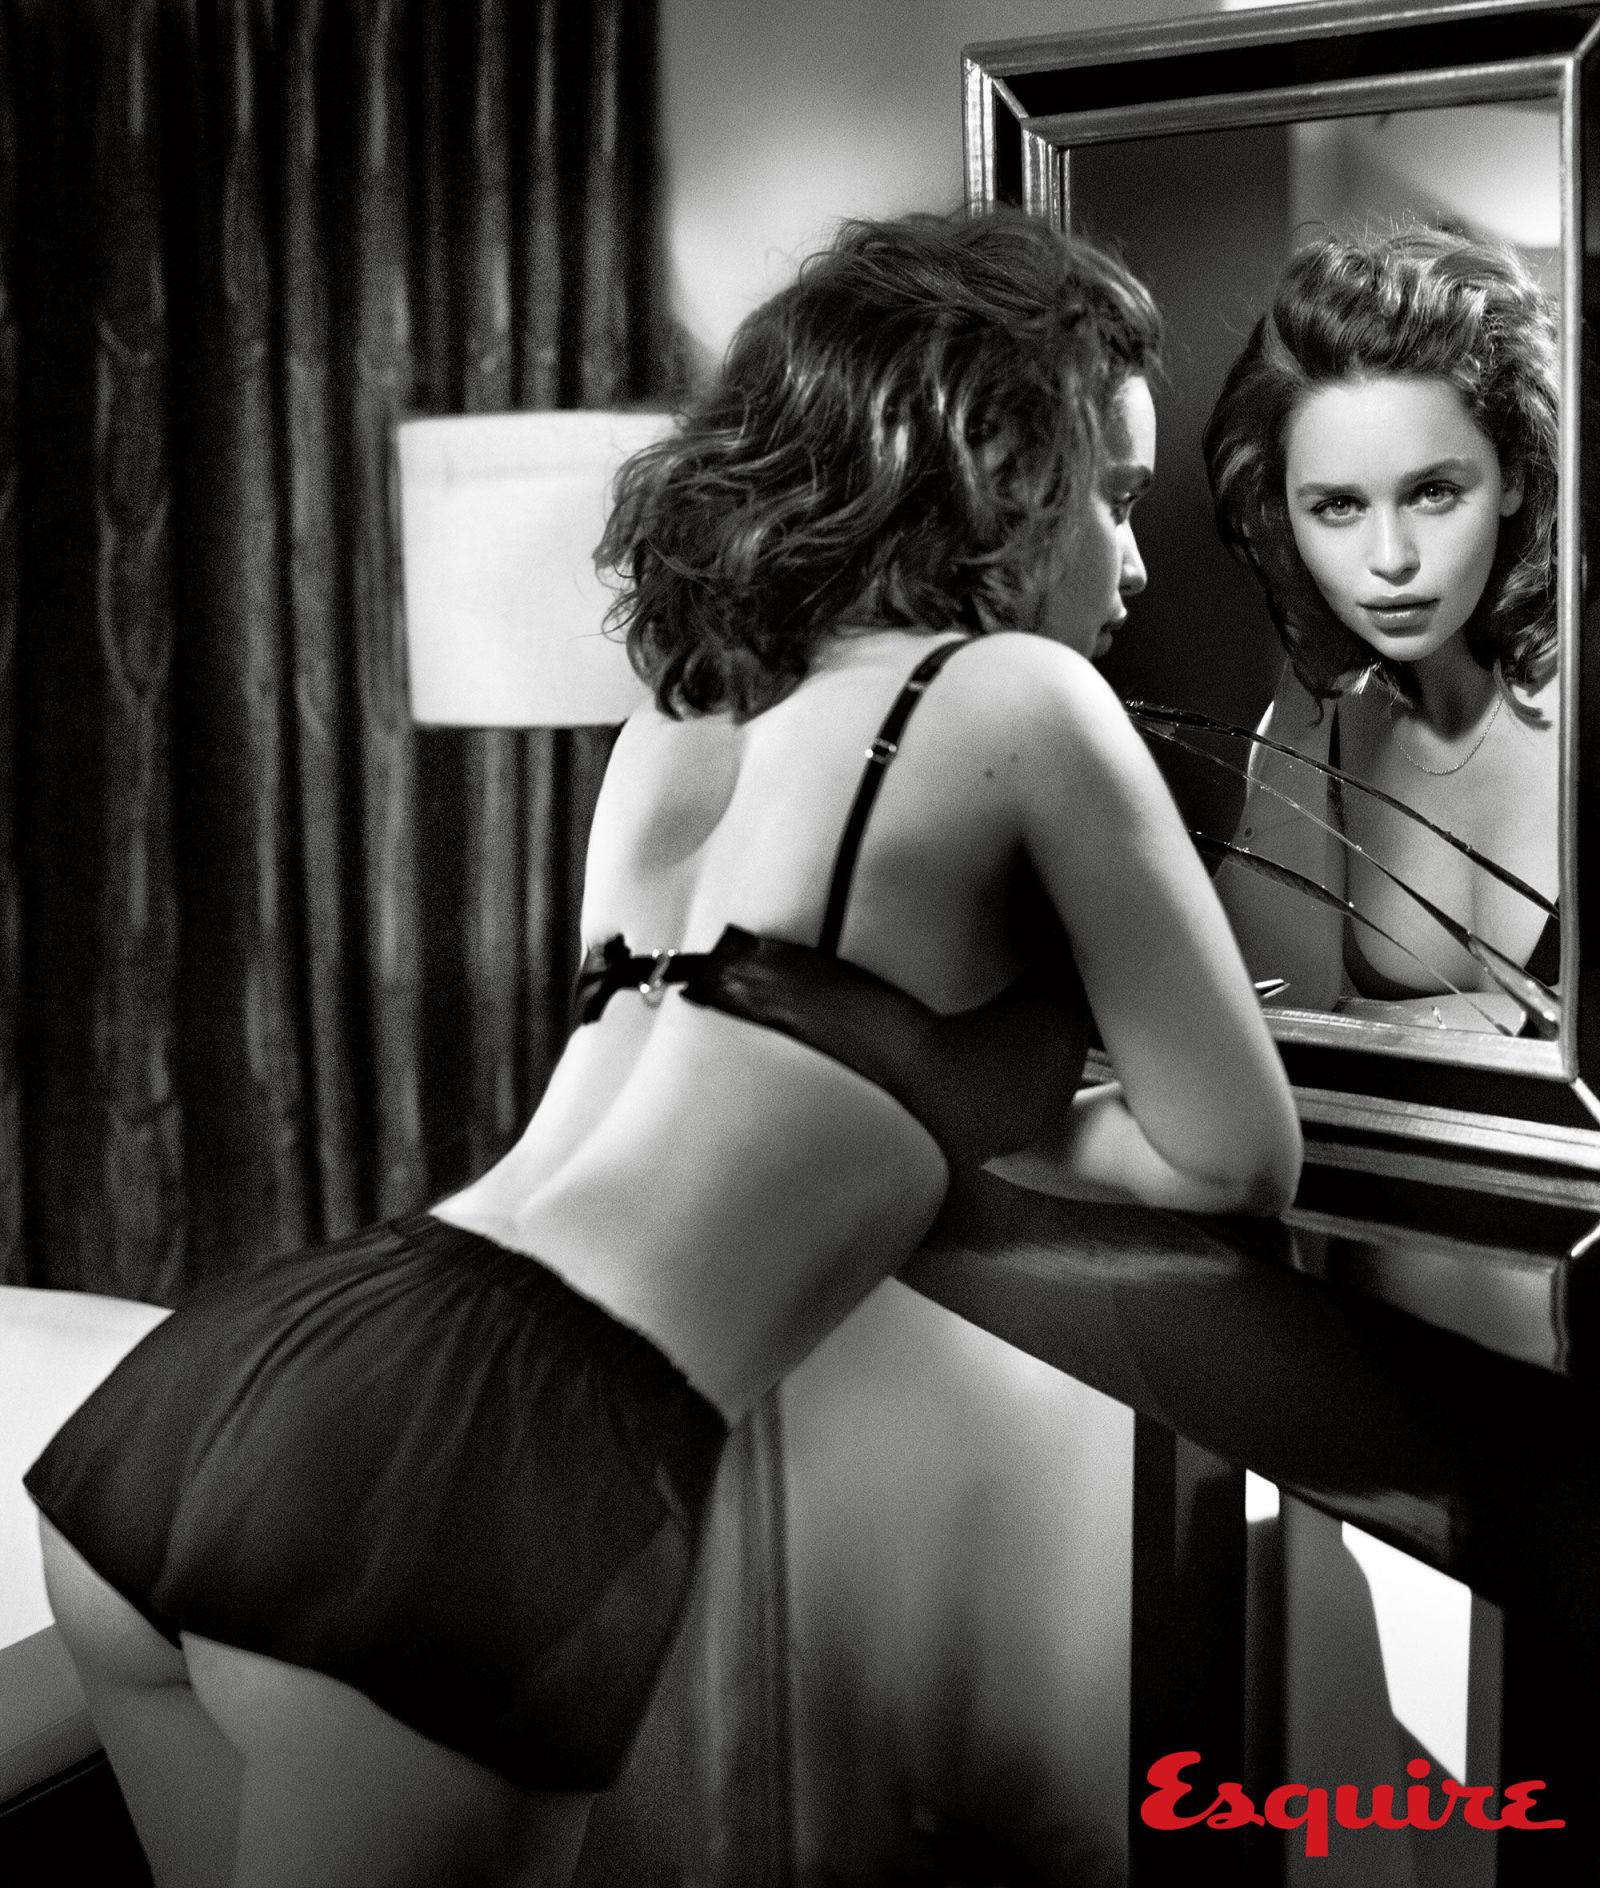 gallery-1444418832-emilia-clarke-sexiest-woman-alive-2015-003.jpg